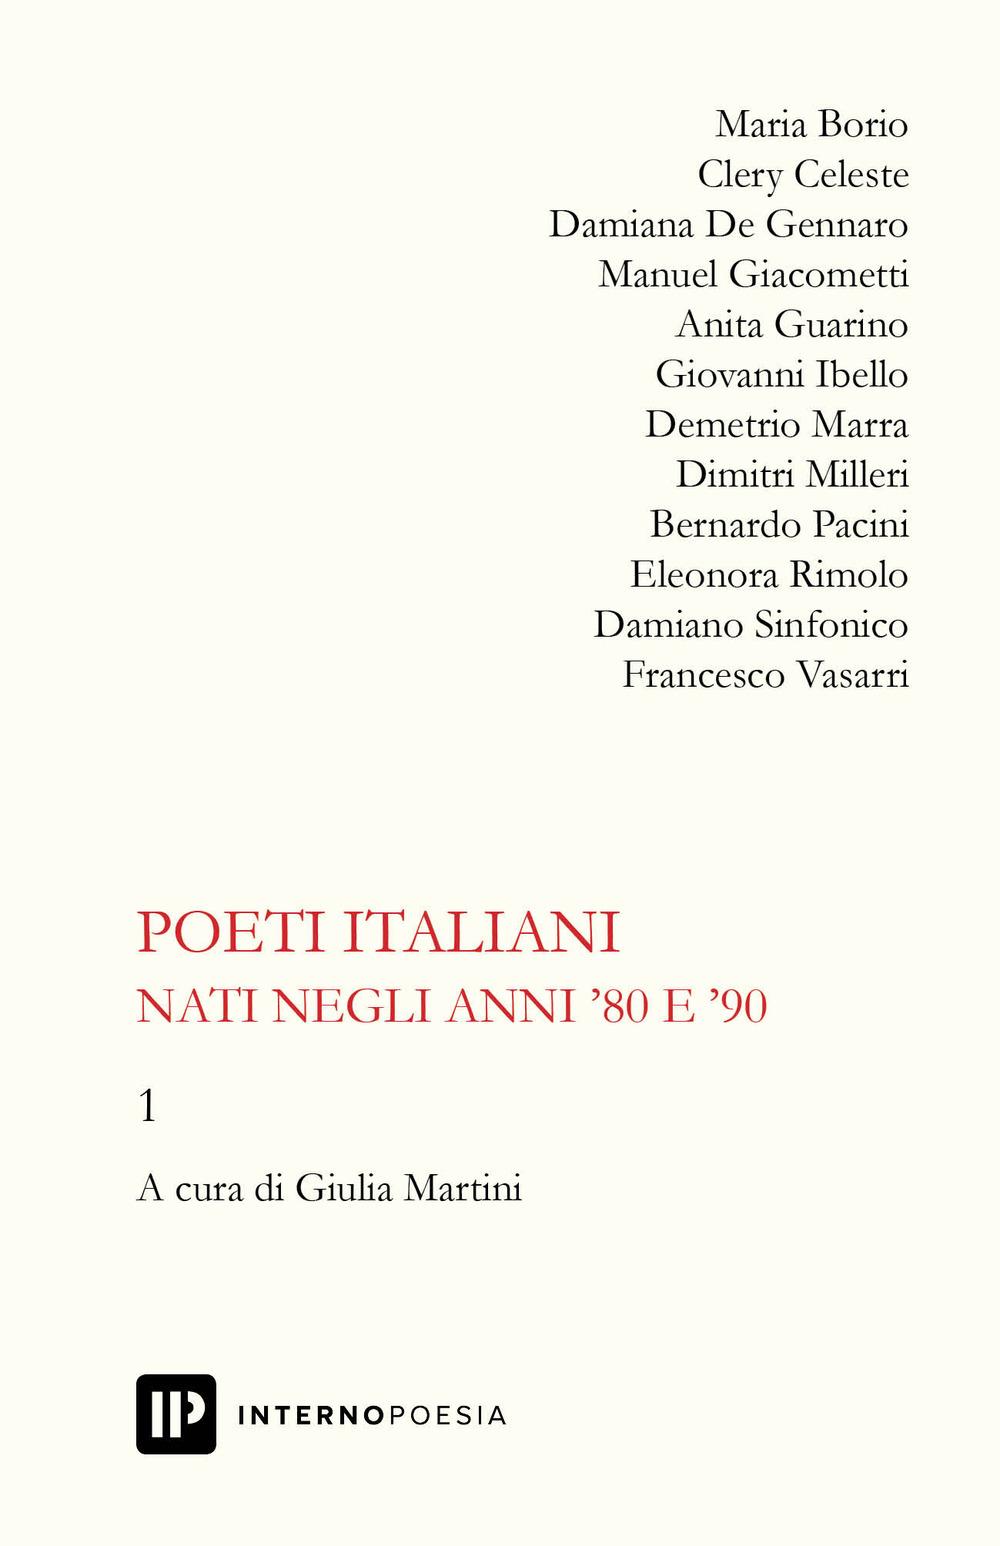 Poeti italiani nati negli anni '80 e '90. Vol. 1